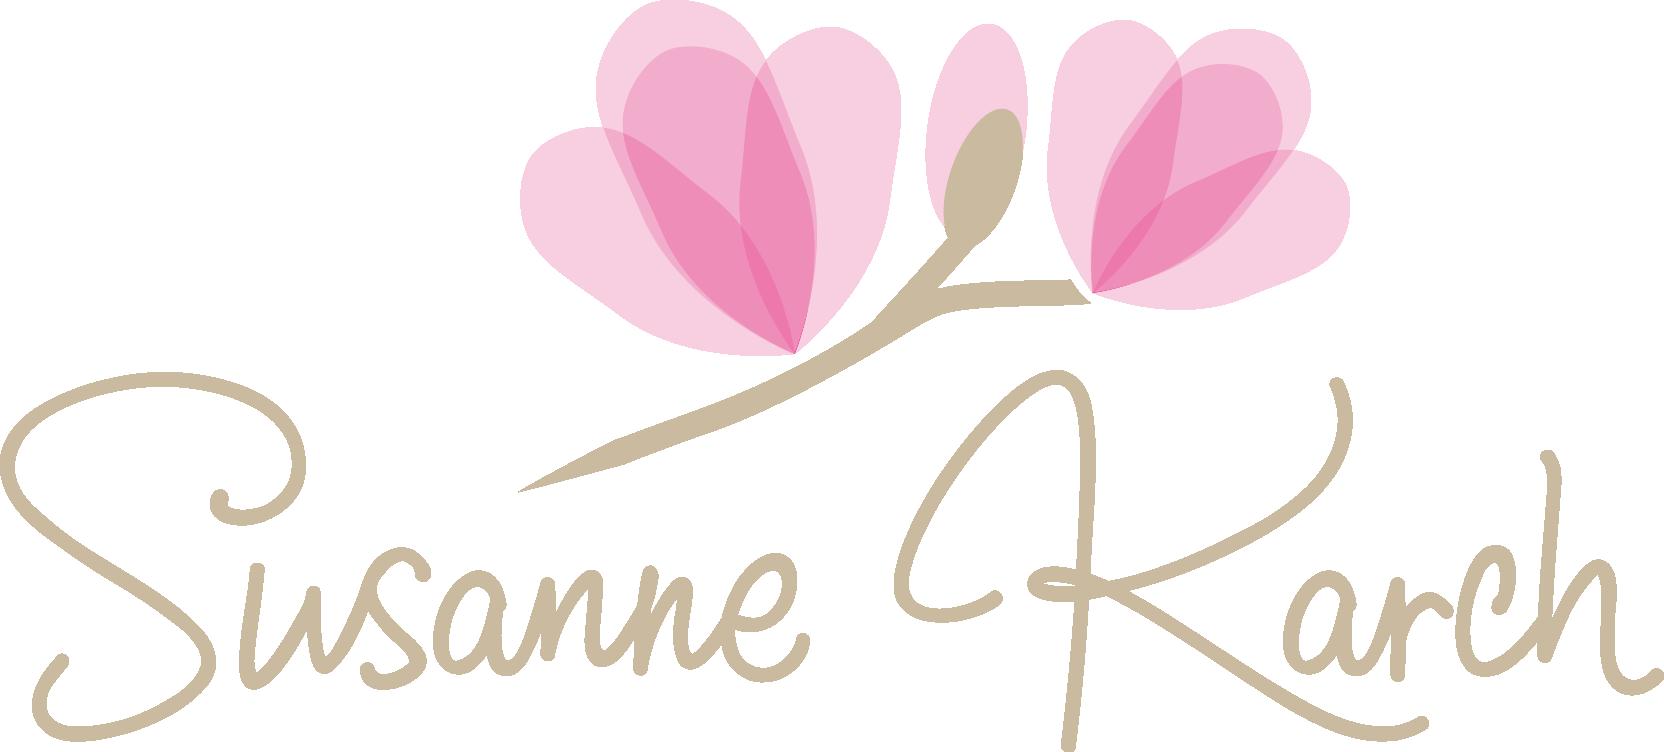 Susanne Karch Logo